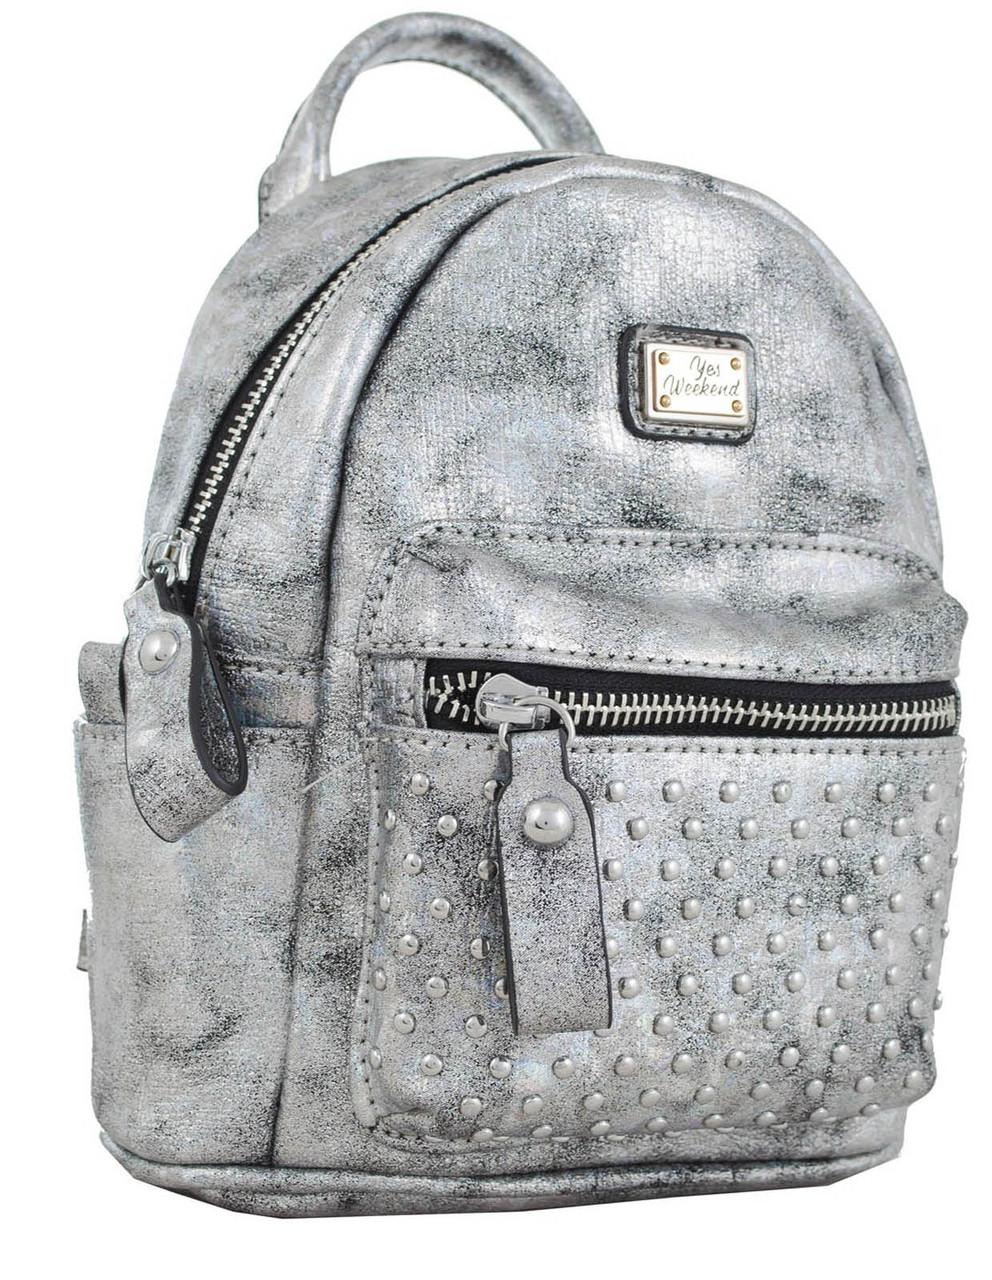 de12aeb133ac Женская сумка-рюкзак из экокожи, 1 ВЕРЕСНЯ 553229 - SUPERSUMKA интернет  магазин в Киеве